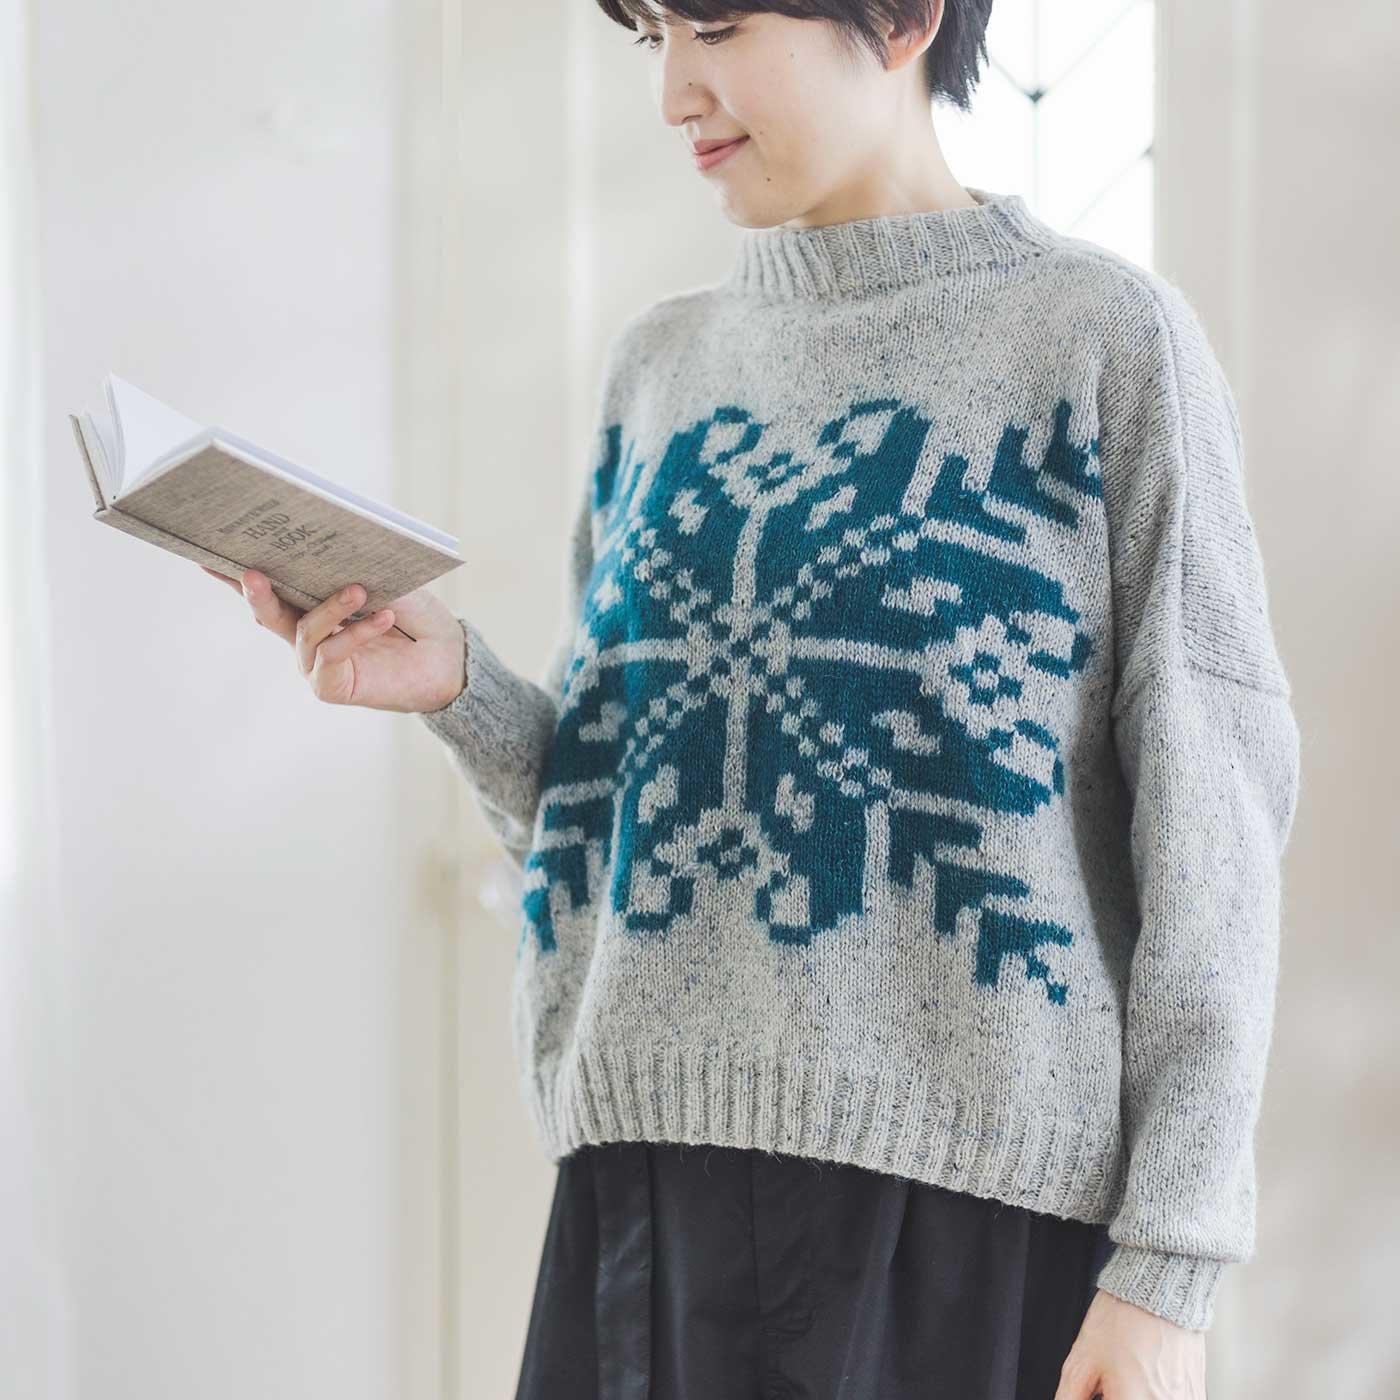 ROWAN アルネ&カルロスデザイン エイトスターの棒針編みクロップドセーター